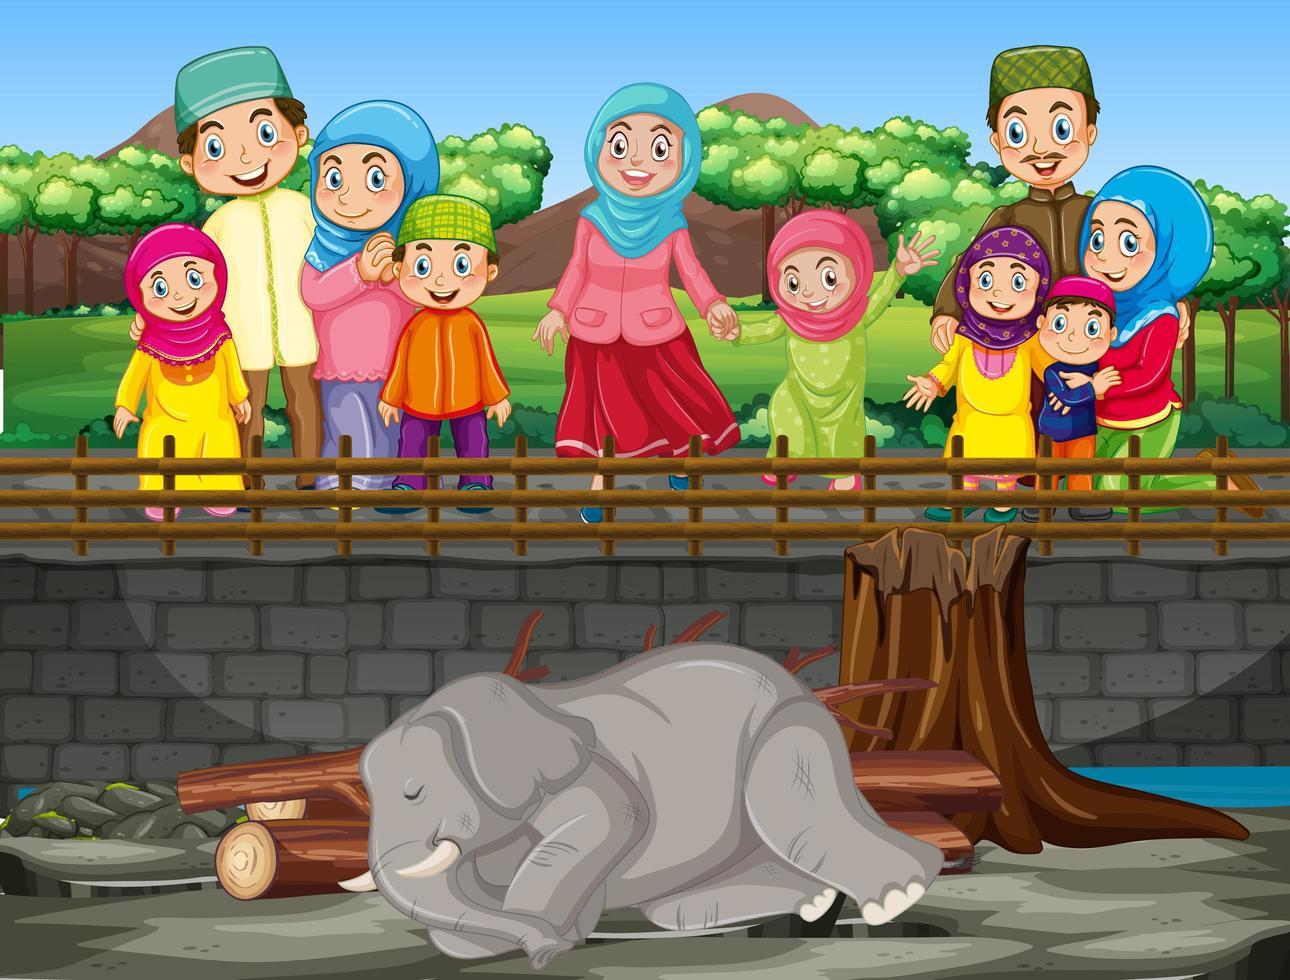 människor som tittar på sovande elefant i djurparken vektor